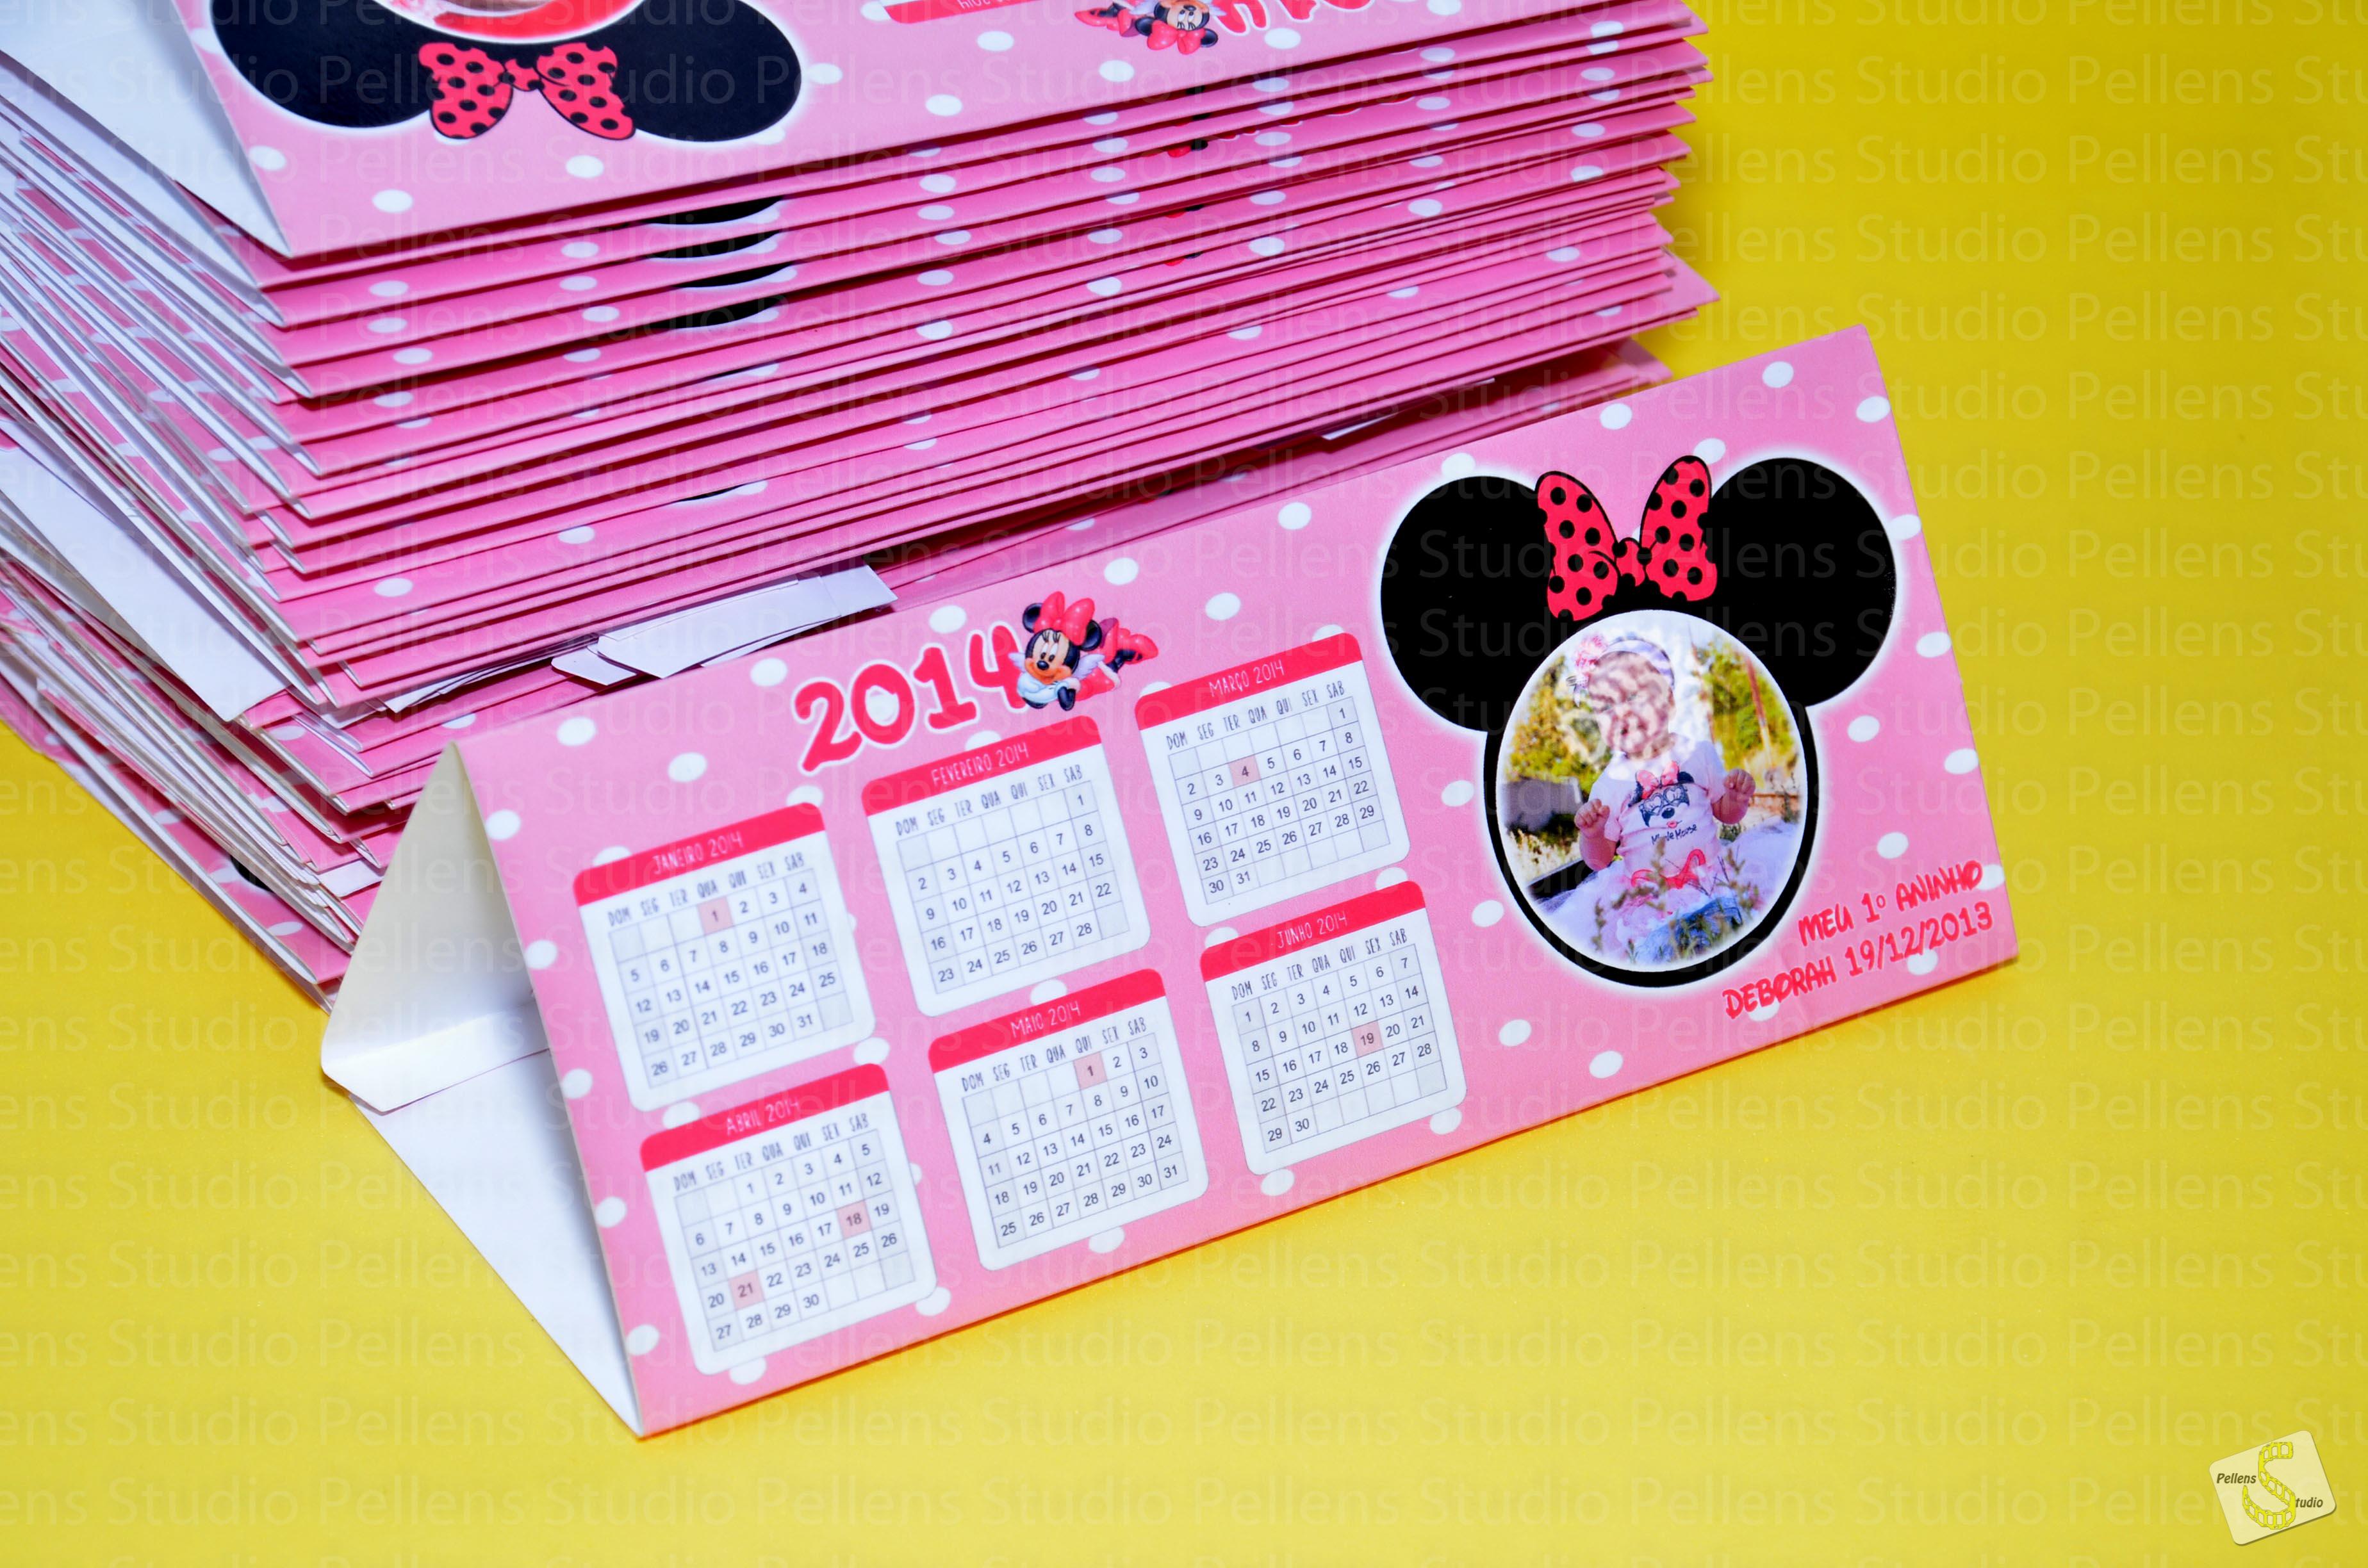 Calend rio display de mesa personalizado pellens studio - Calendario de mesa ...